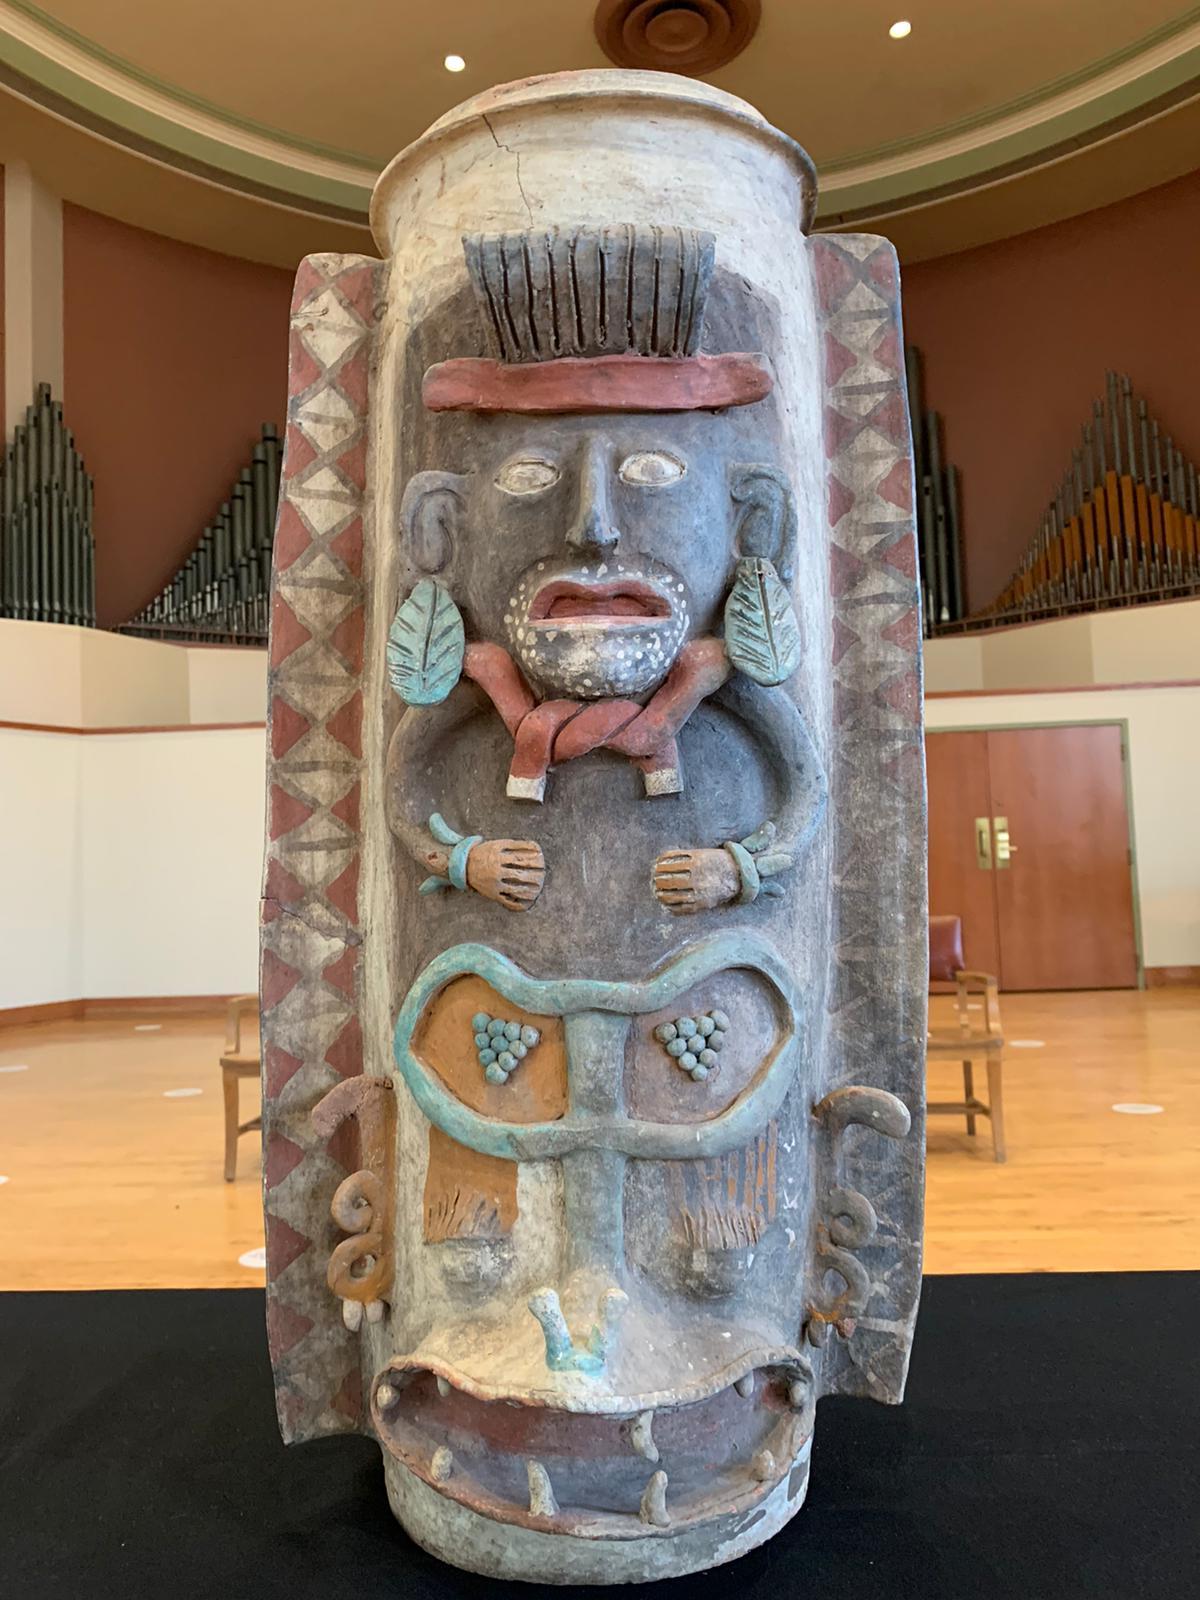 México recupera urna maya elaborada entre 900 - 1600 d.C.